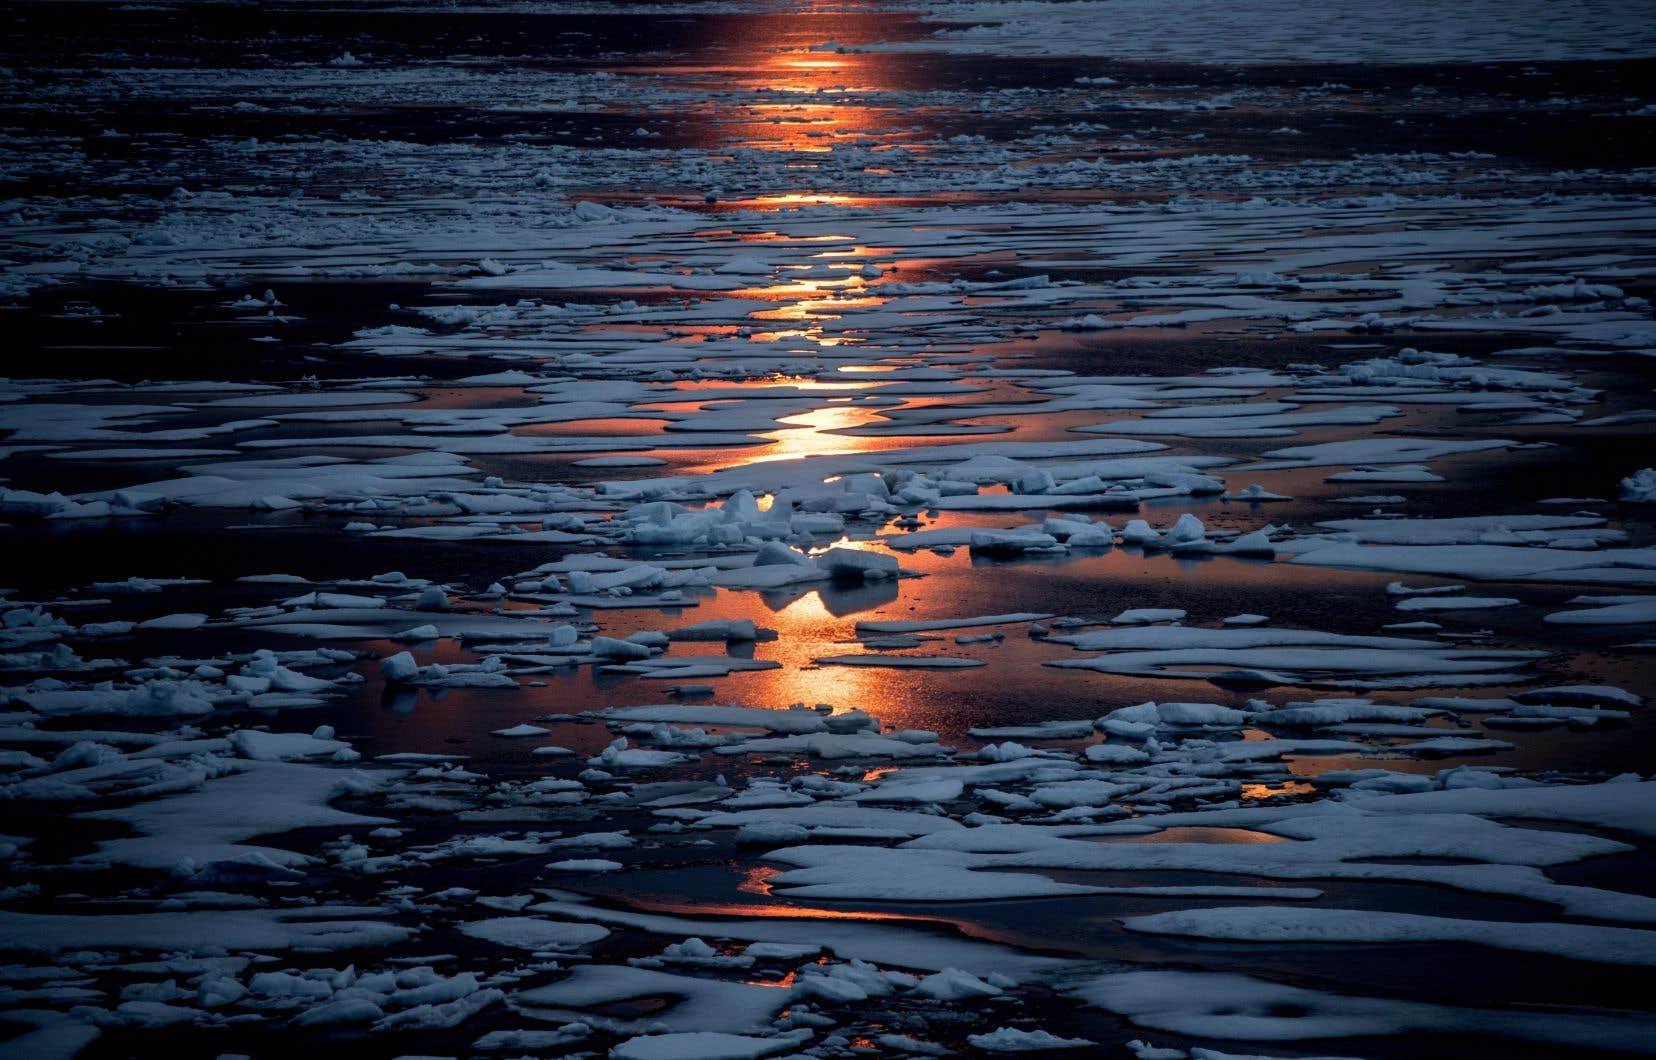 Le Nord magnétique, au fil des siècles, s'est déplacé de façon plus ou moins imprévisible dans les archipels du Grand Nord canadien.